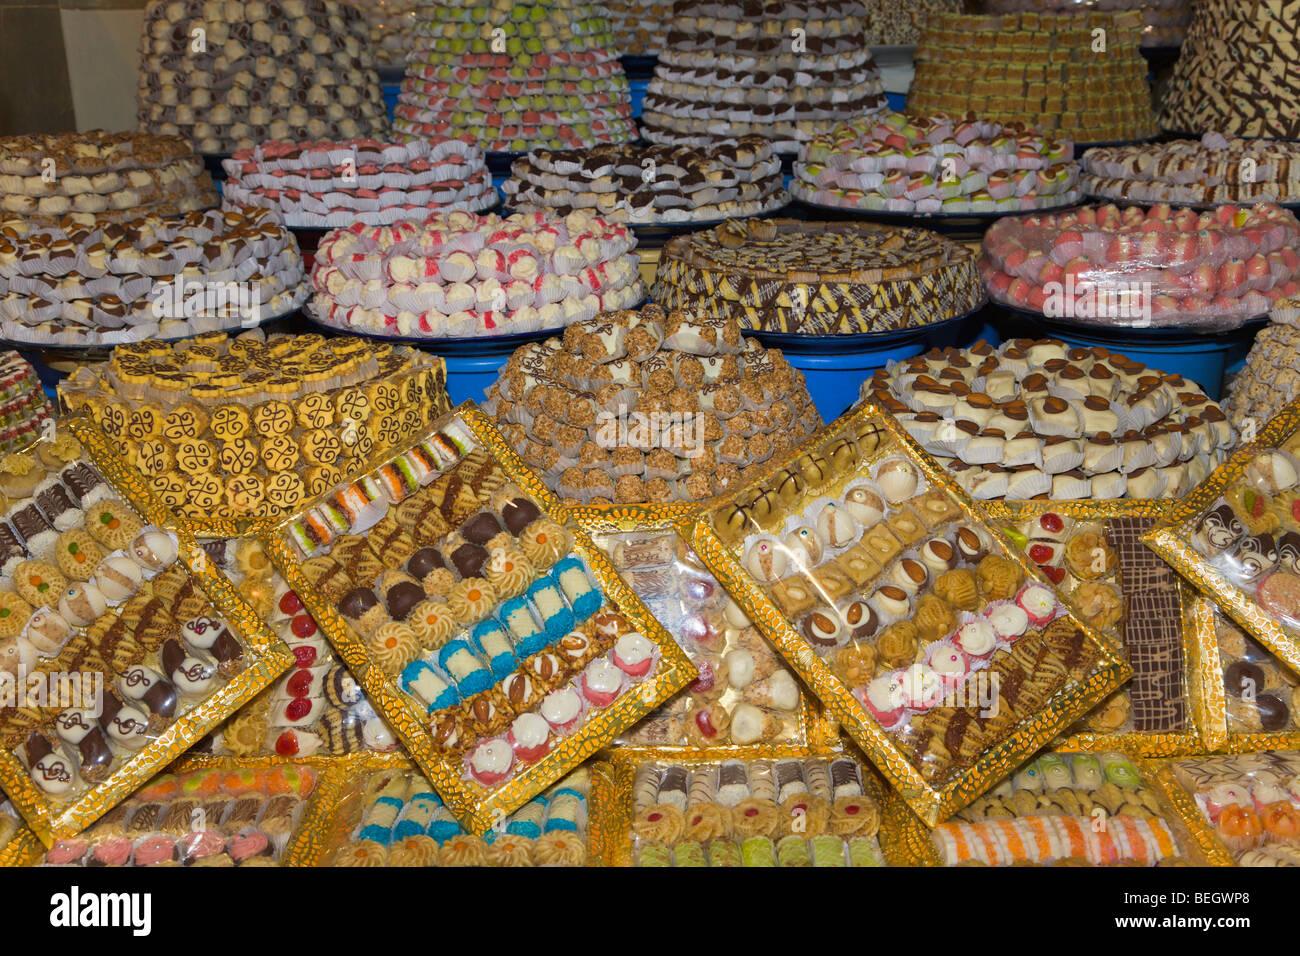 Süßigkeiten und Gebäck am Marktstand Meknes Marokko Stockfoto ... | {Süßigkeiten & gebäck 33}